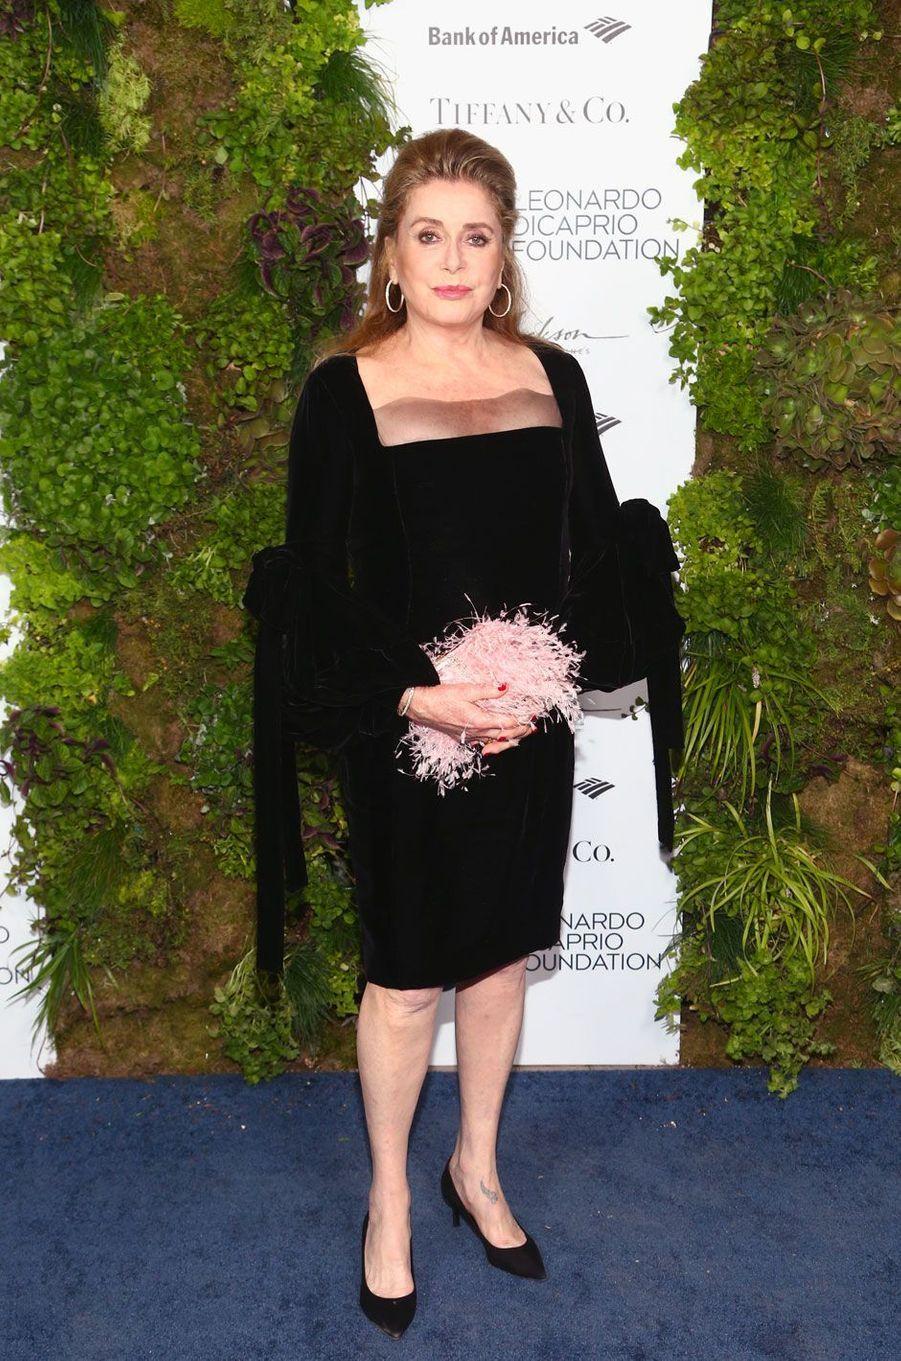 Catherine Deneuve au gala de la Leonardo DiCaprio Foundadtion, le 15 septembre 2018 à Santa Rosa